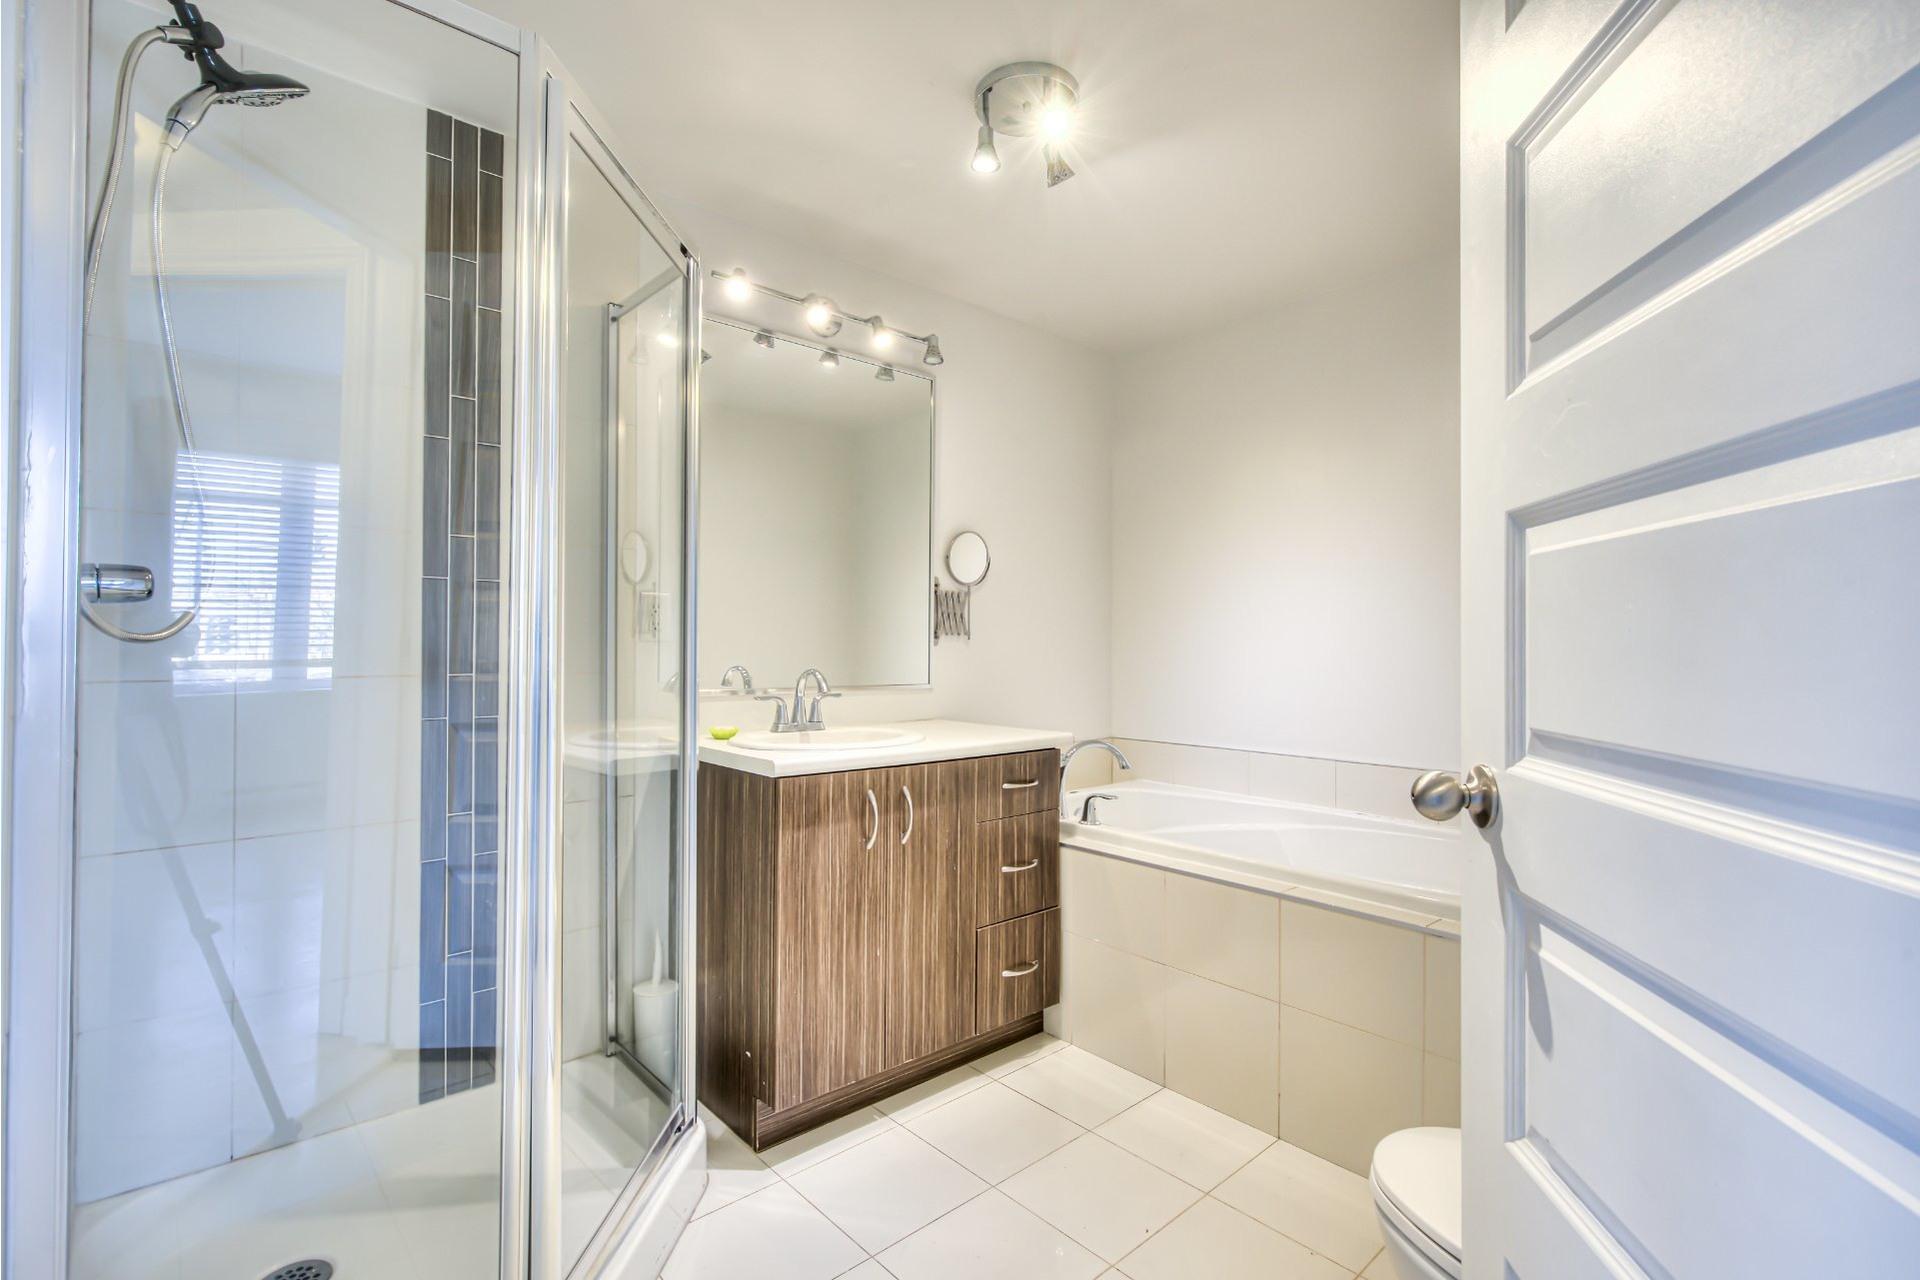 image 15 - Apartment For sale Saint-Laurent Montréal  - 6 rooms